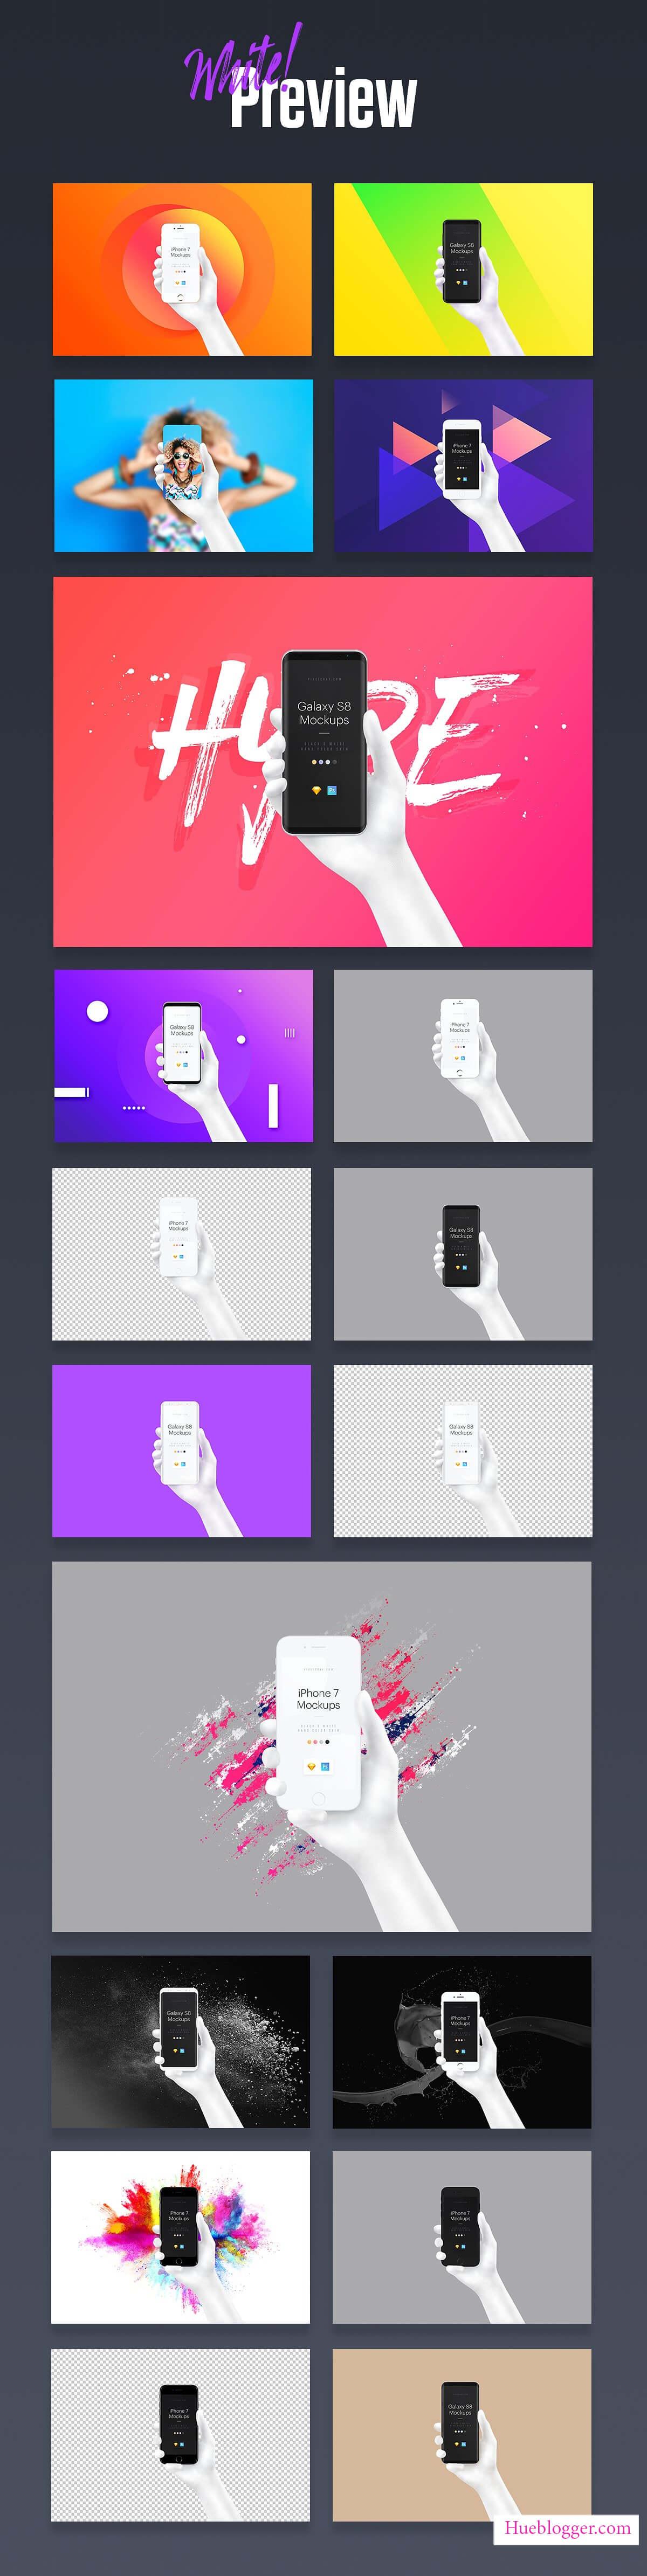 Mockup tay cầm điện thoại iPhone7 và Galaxy S8